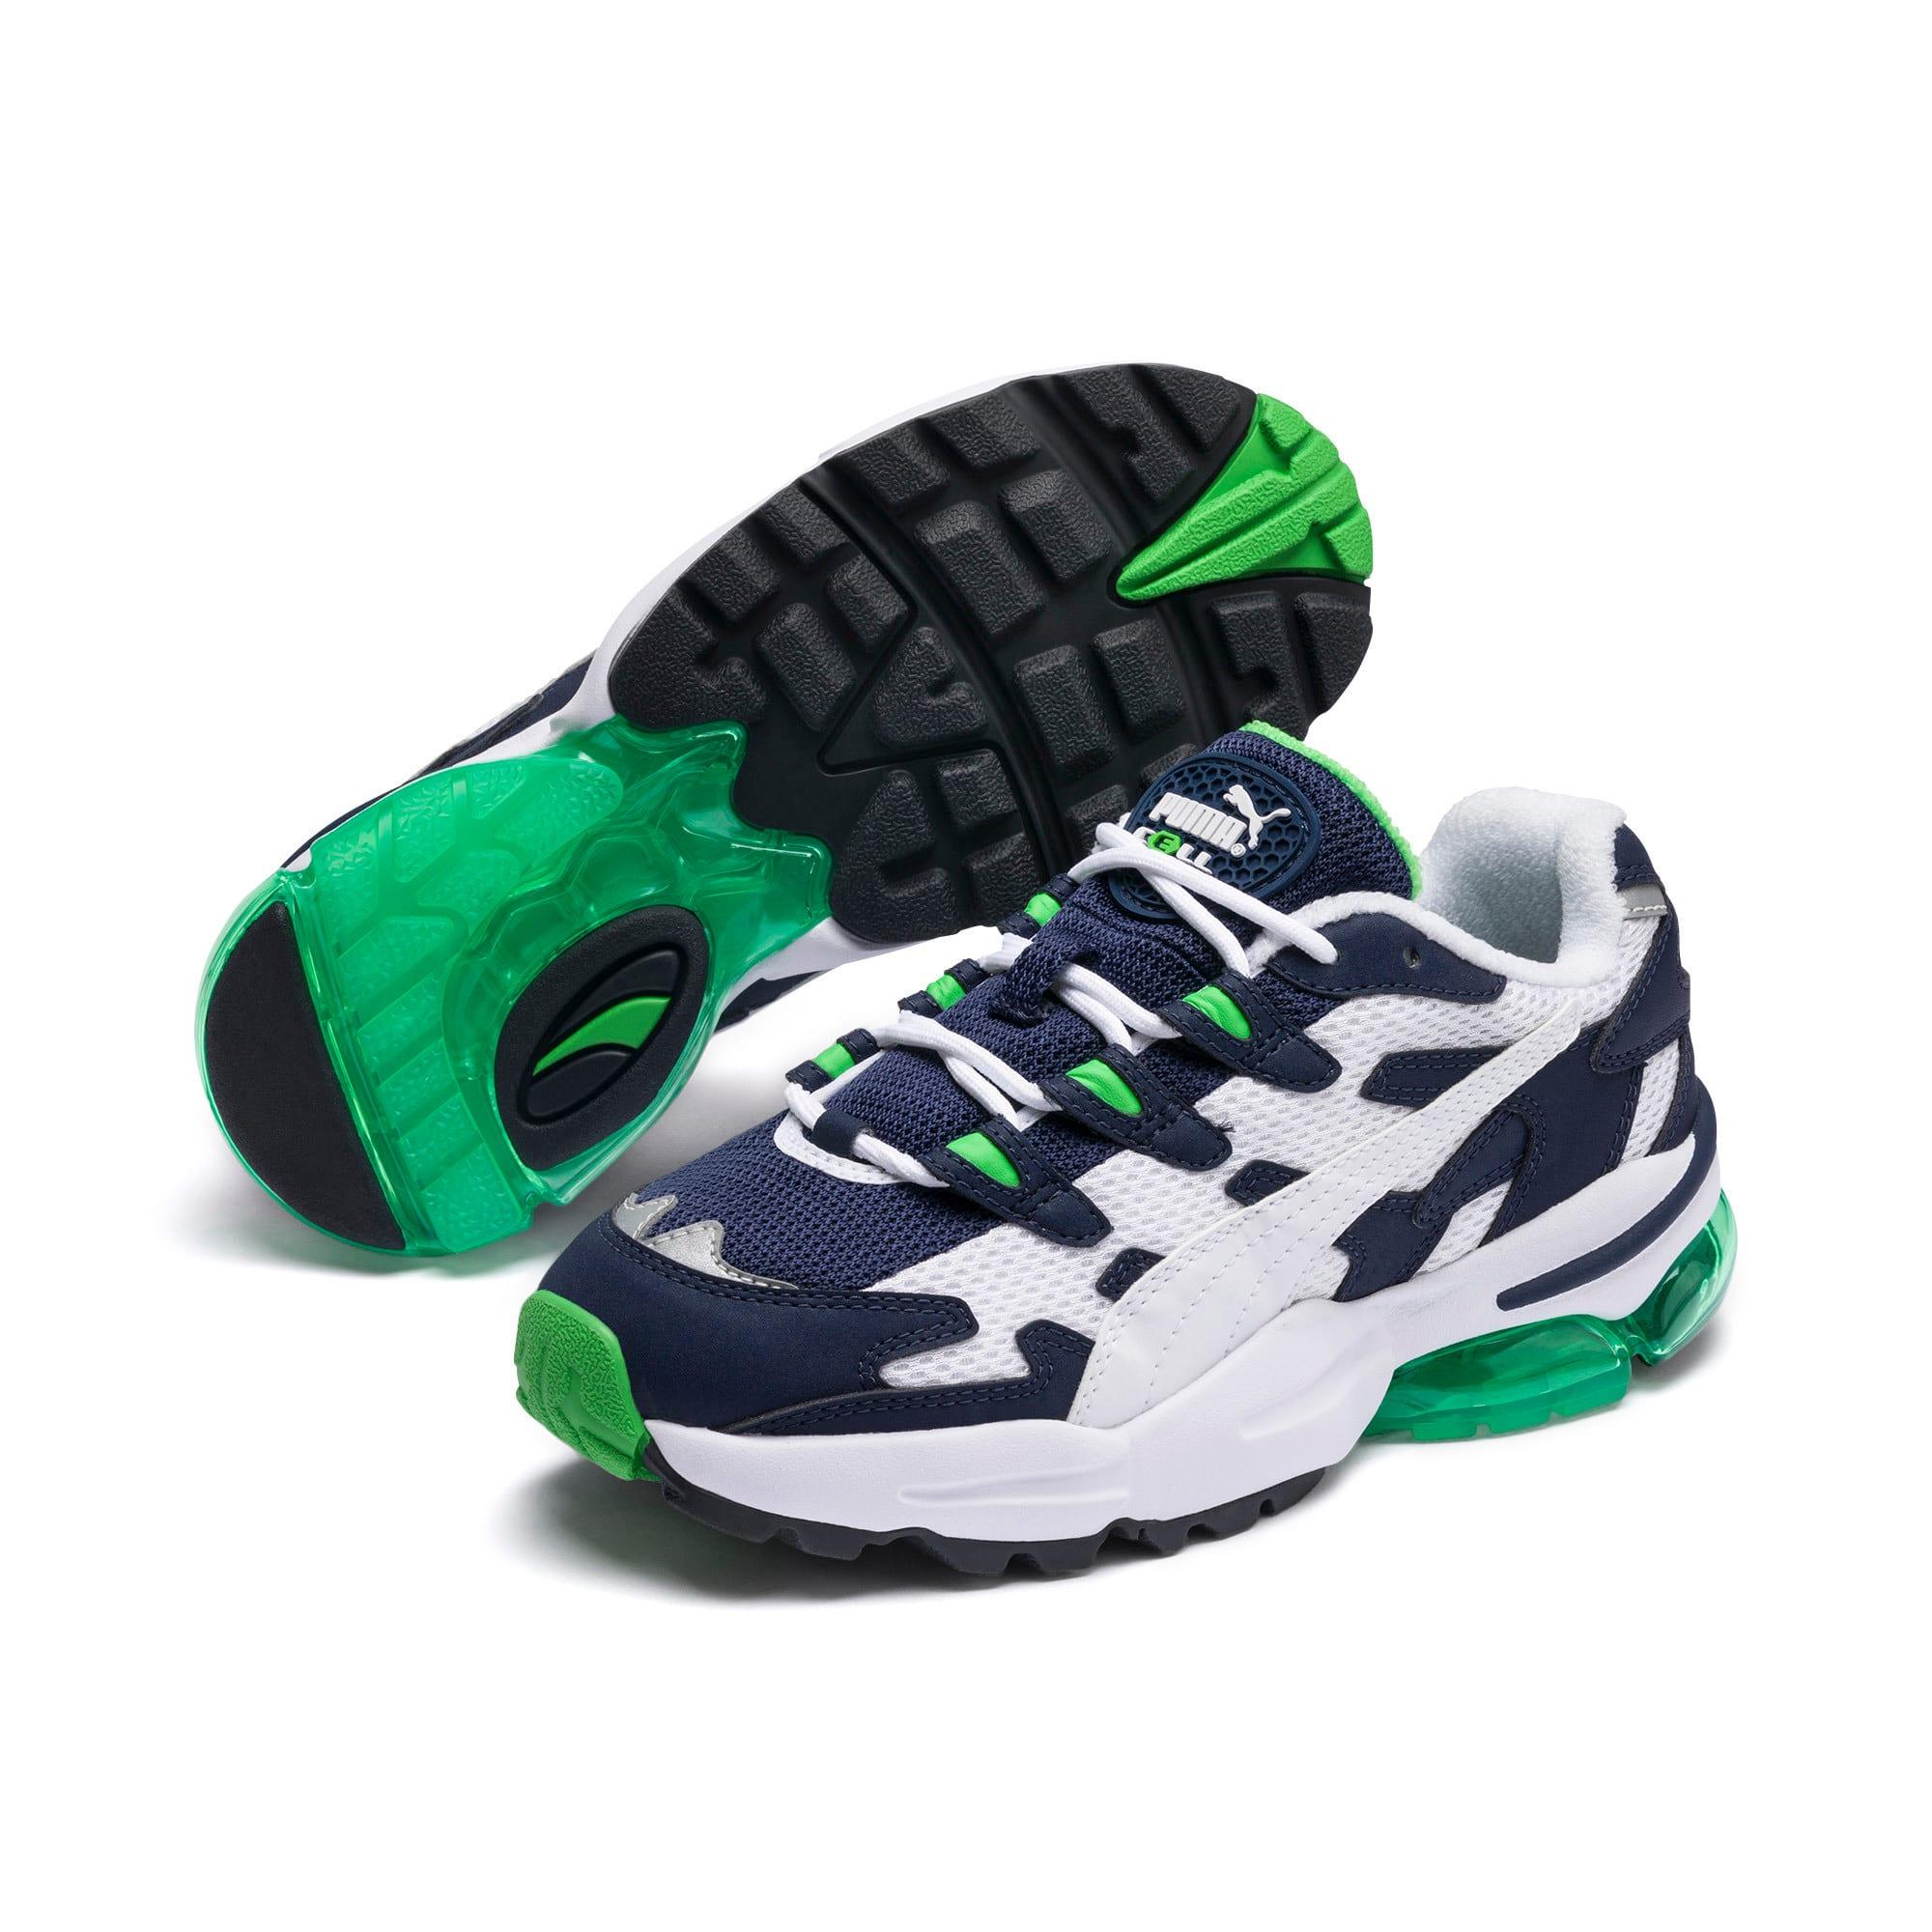 Thumbnail 2 of CELL Alien OG Sneakers JR, Puma White-Peacoat, medium